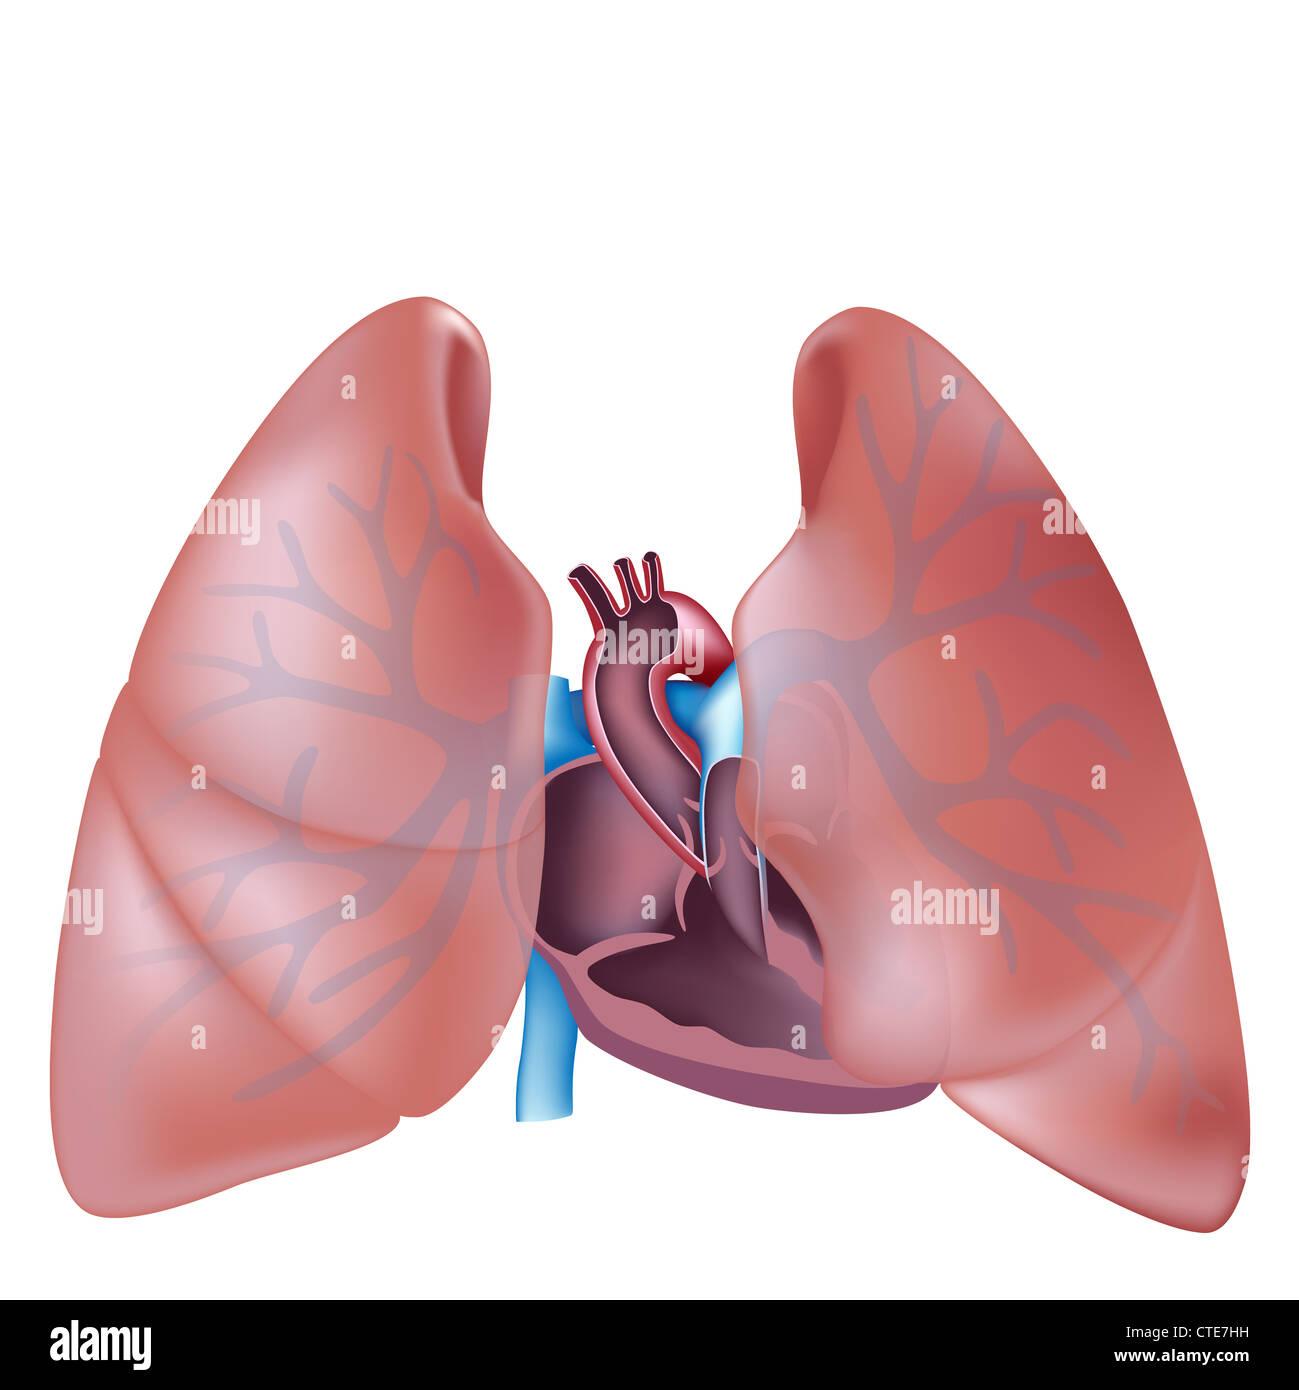 Querschnitt und Lunge Anatomie Herz Stockfoto, Bild: 49485789 - Alamy